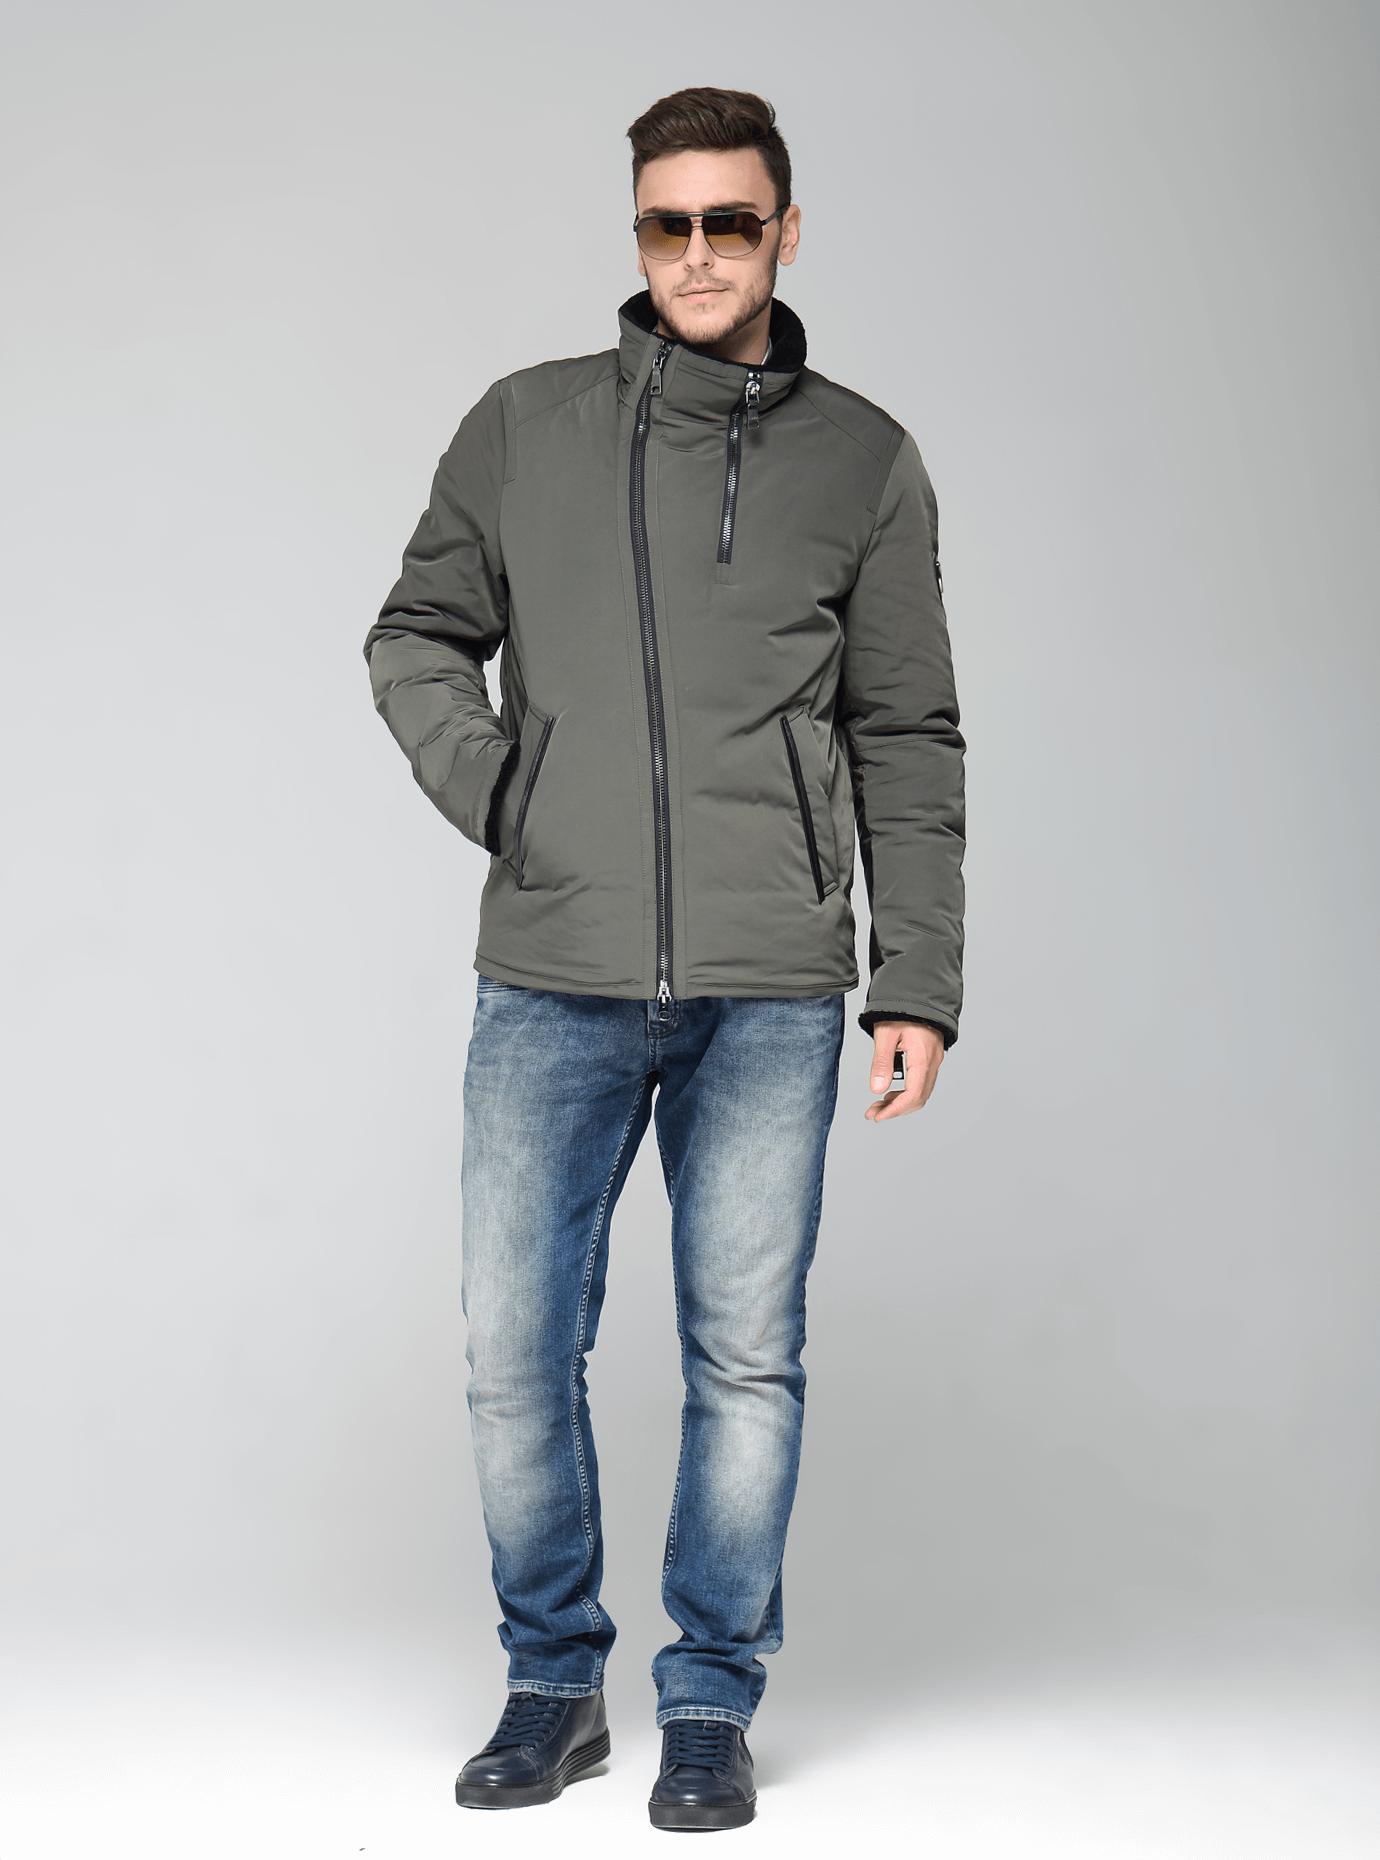 Зимняя мужская куртка Чёрный 46 (02-MC19204): фото - Alster.ua